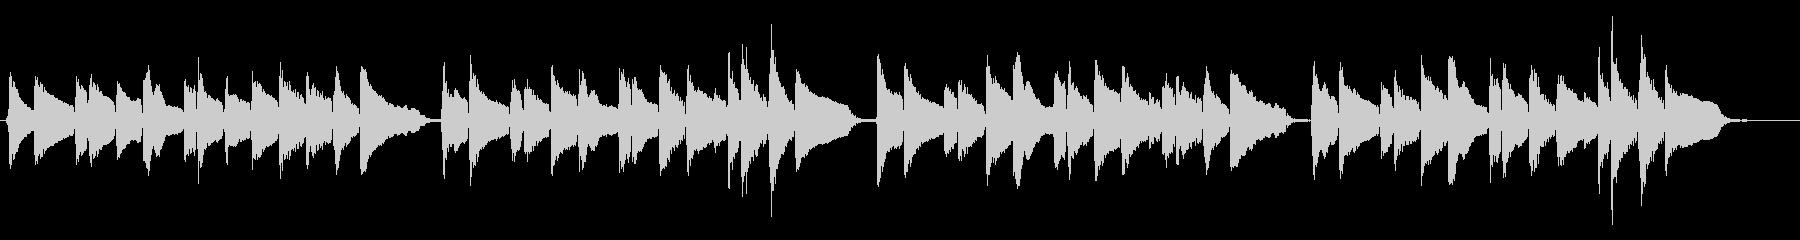 蛍の光 優しいアコギの未再生の波形